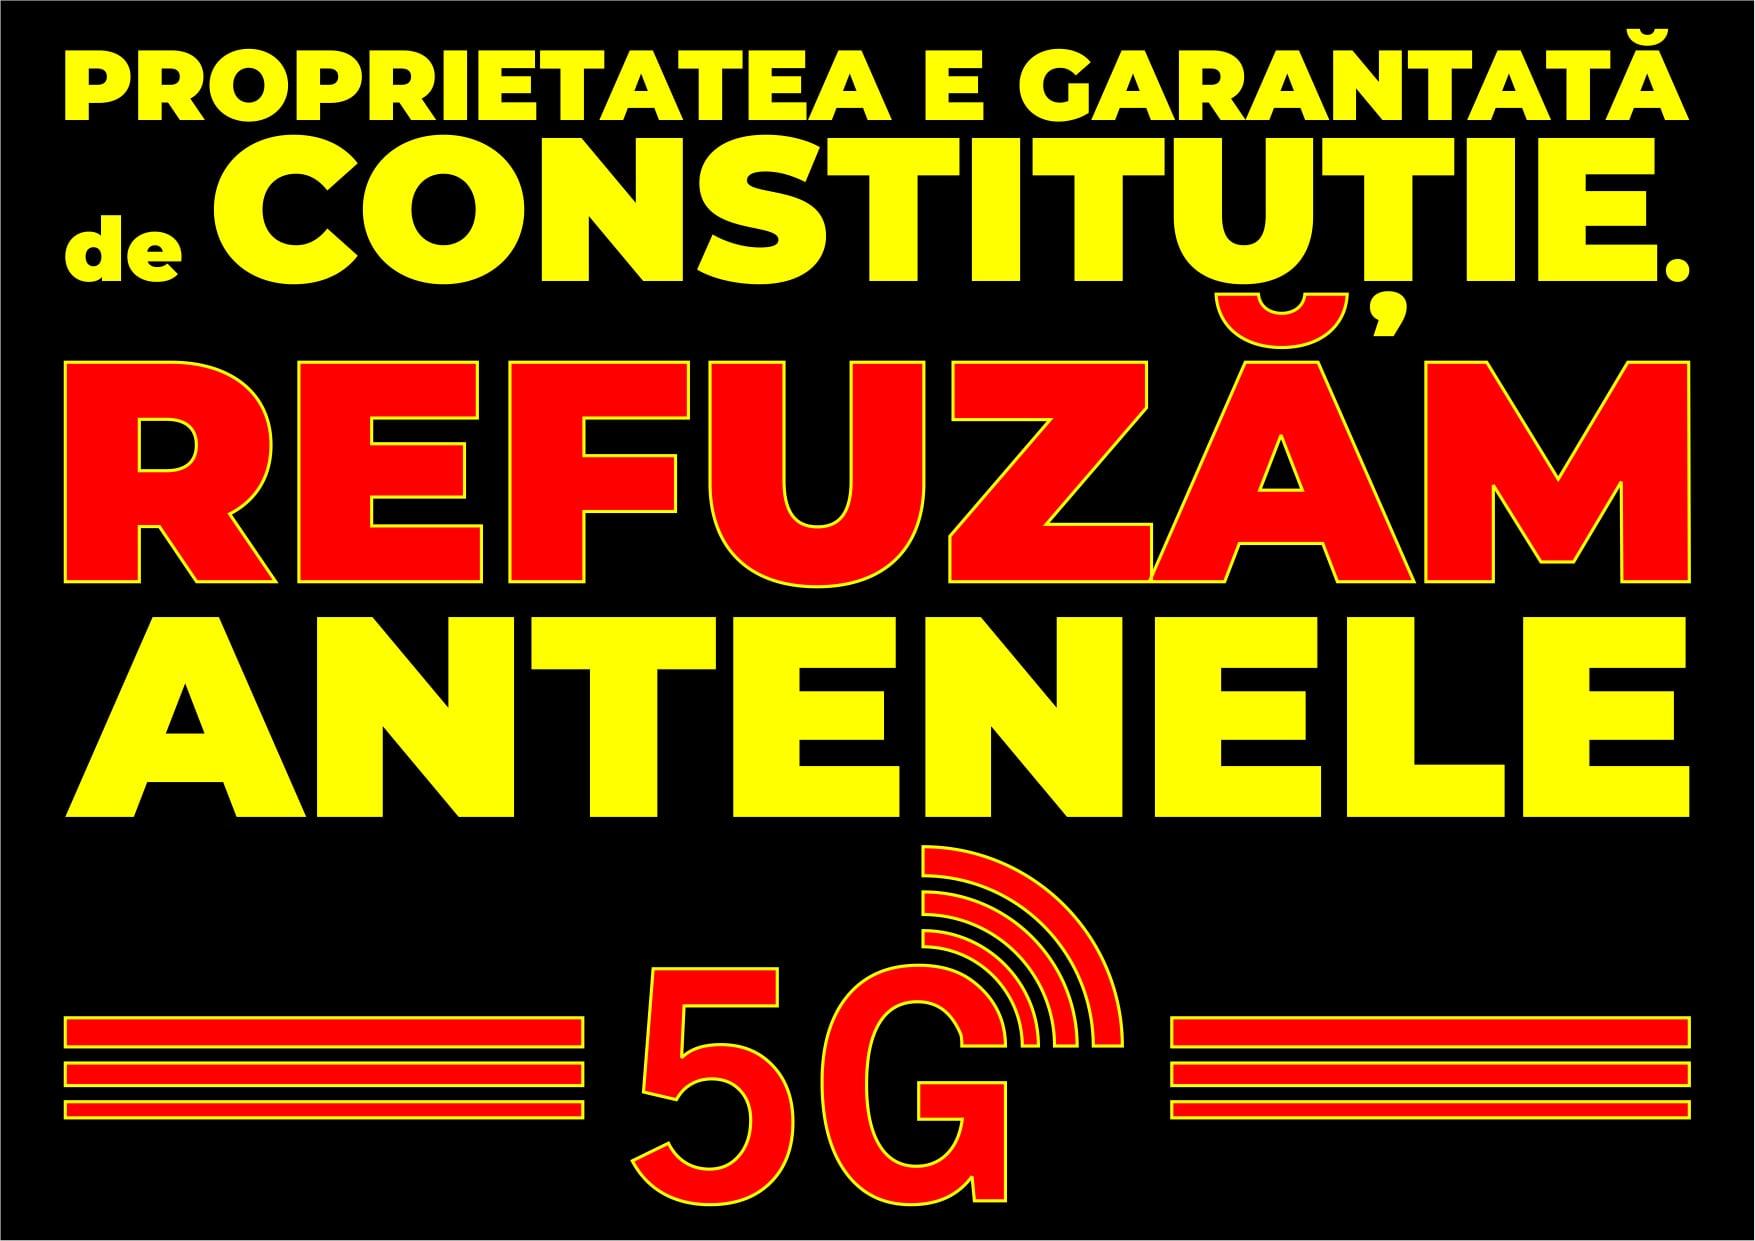 PROIECT DE LEGE MAMUT PENTRU IMPLEMENTAREA RETELEI 5G